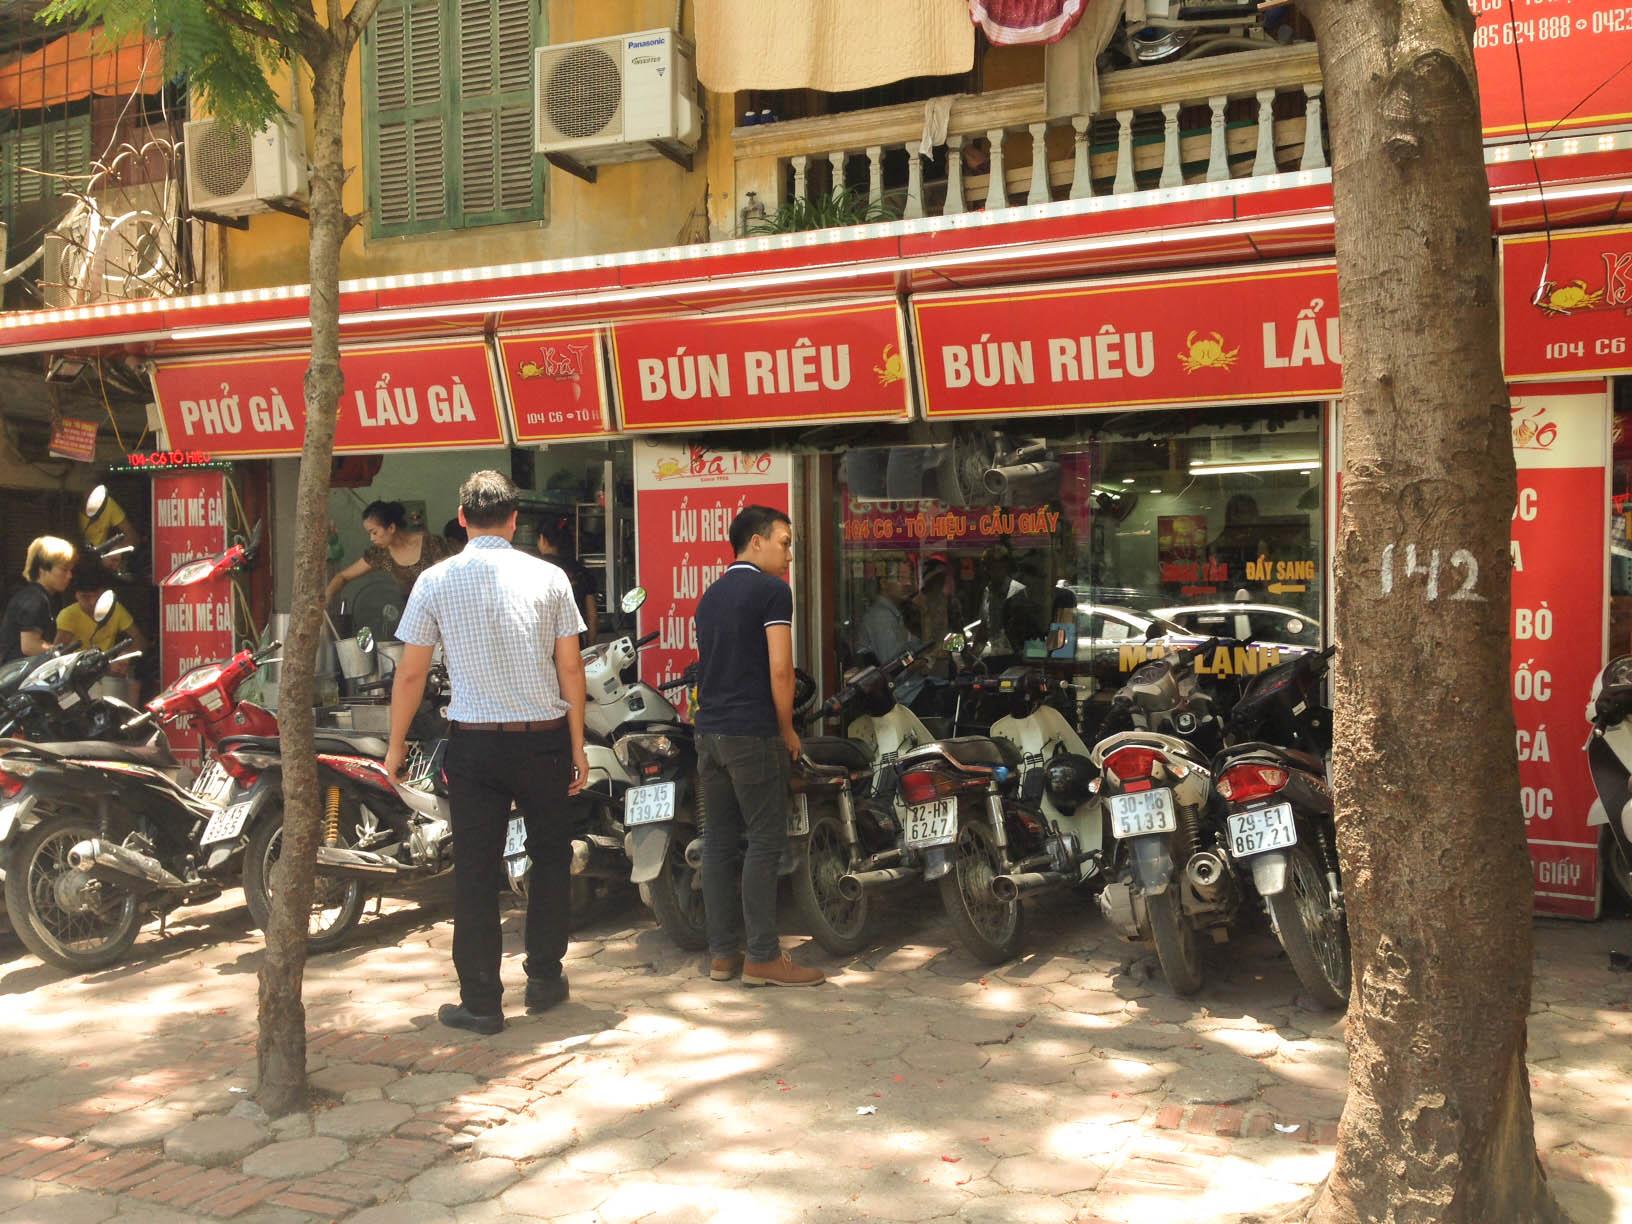 Những quán ăn có máy lạnh vào những ngày này rất đông khách